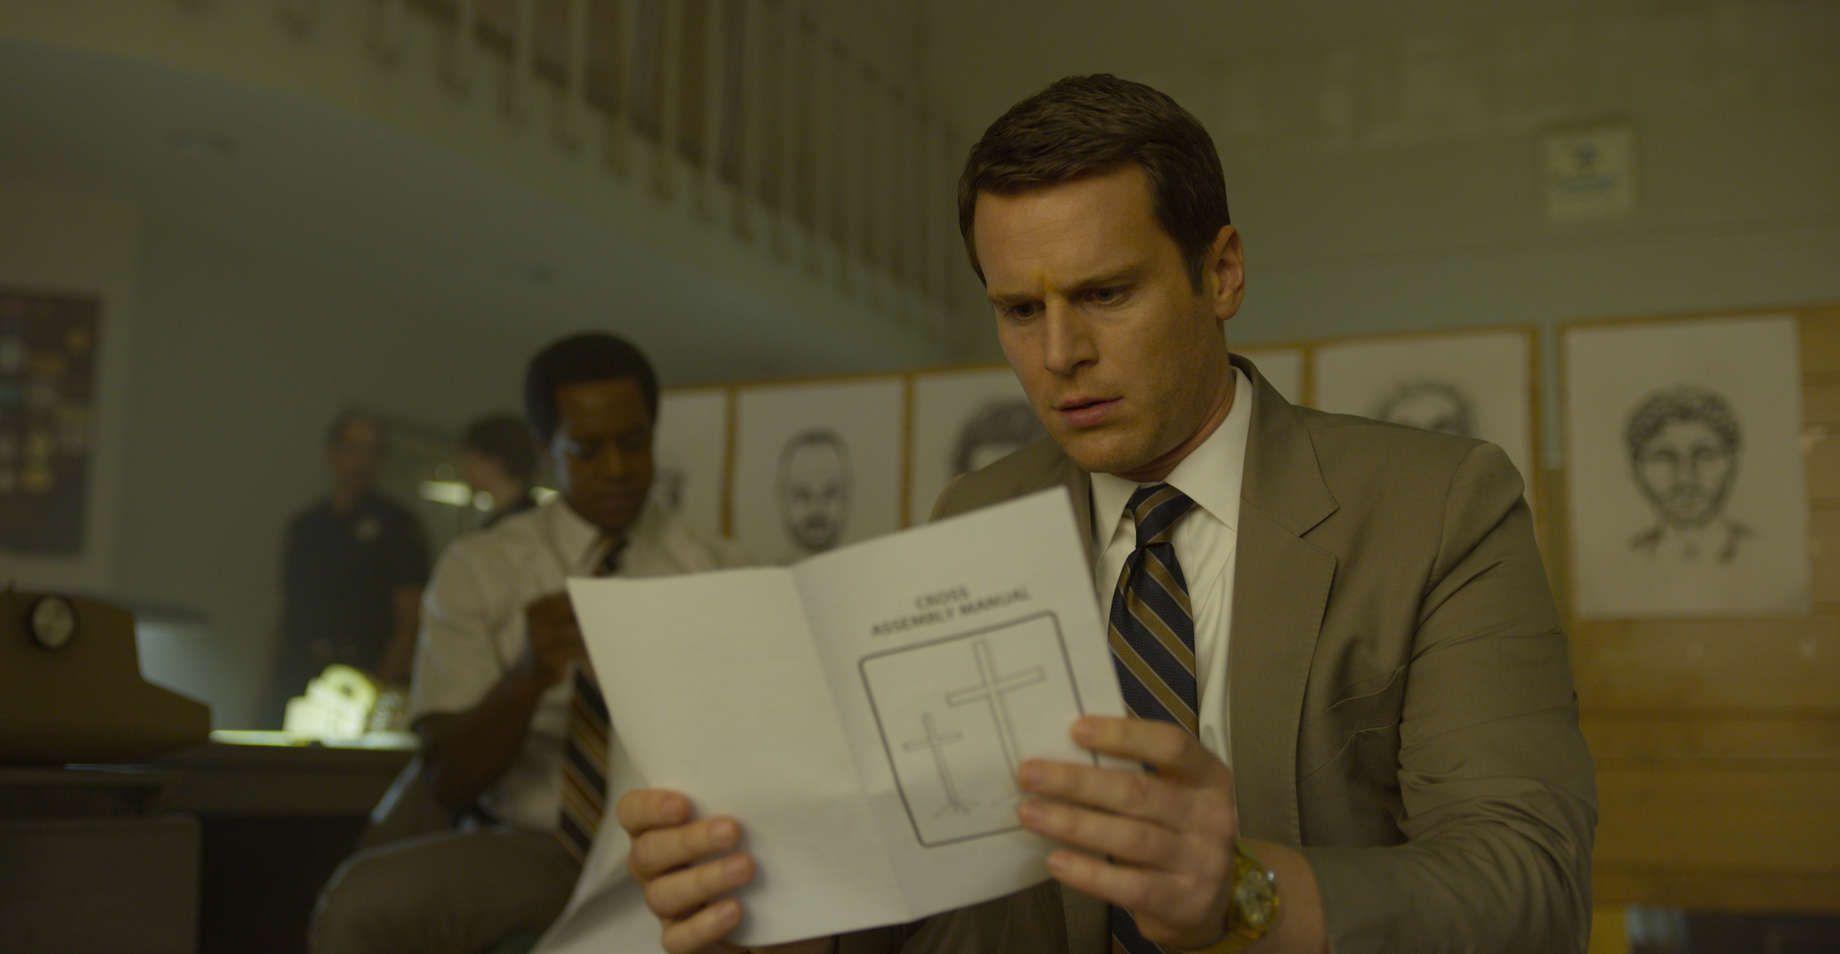 Mindhunter Season 2 Easter Egg Teases Future John Wayne Gacy Appearance